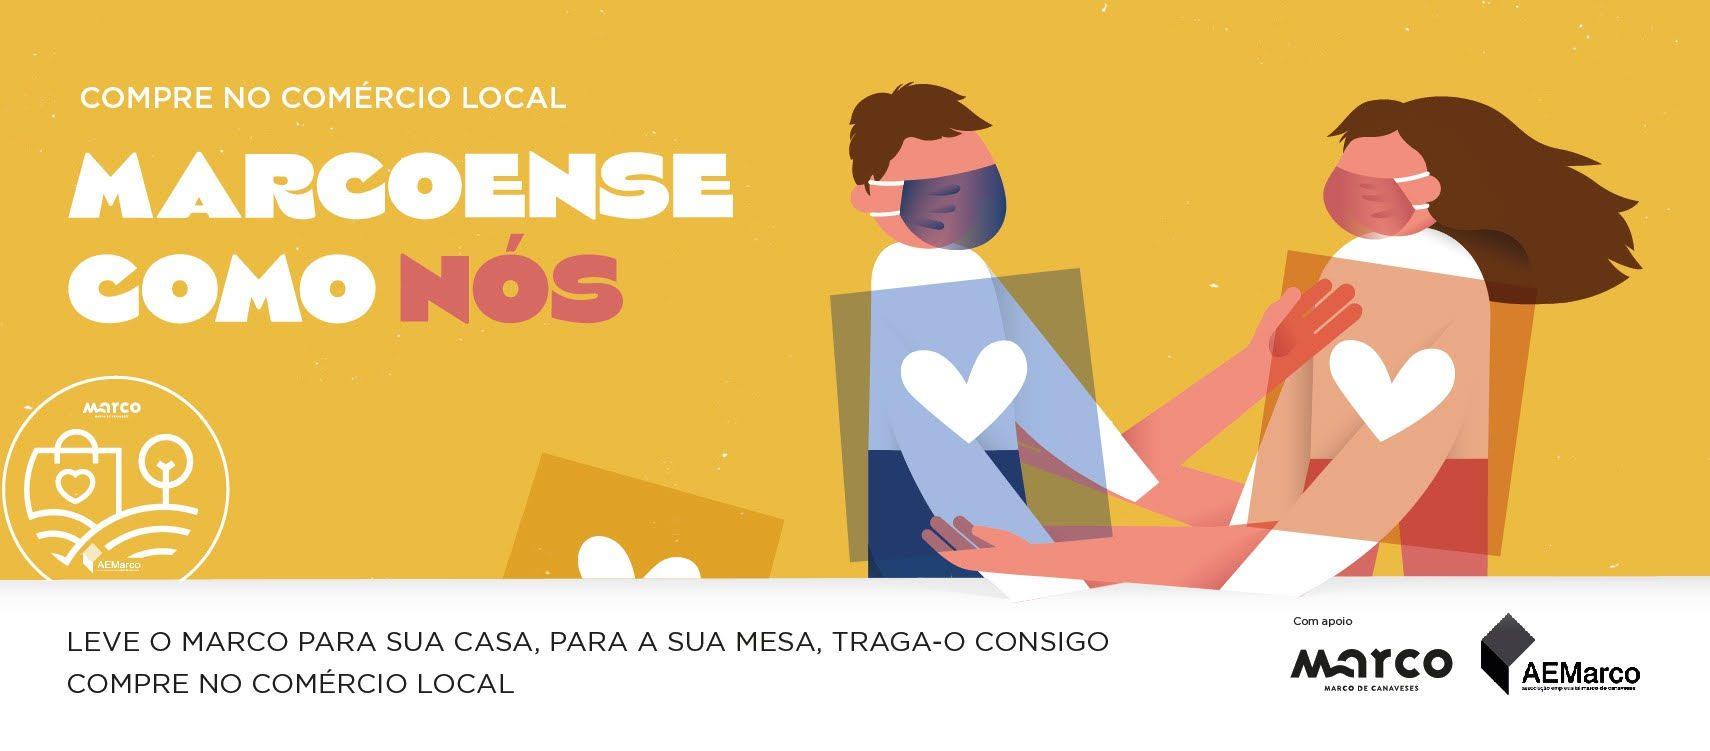 """Campanha """"Marcoense Como Nós"""" apela ao consumo de produtos e serviços locais"""